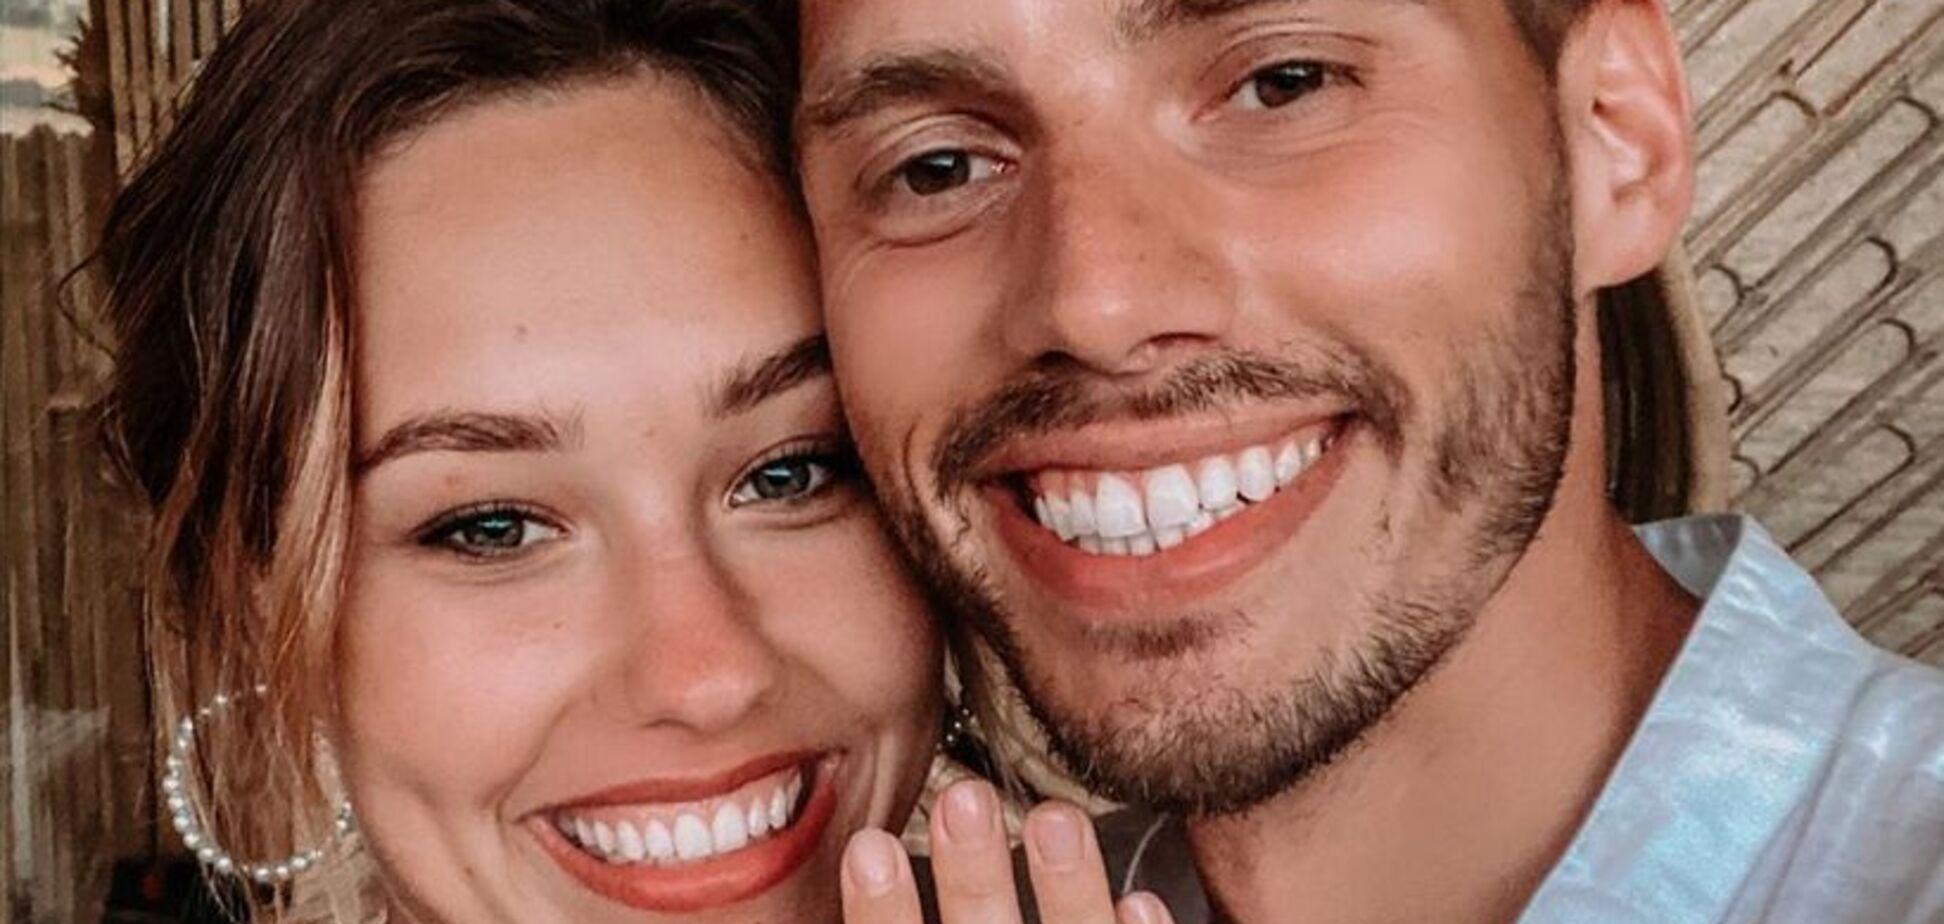 'Холостяк' Добрынин сделал предложение Квитковой: с чего начинались отношения пары. Фото